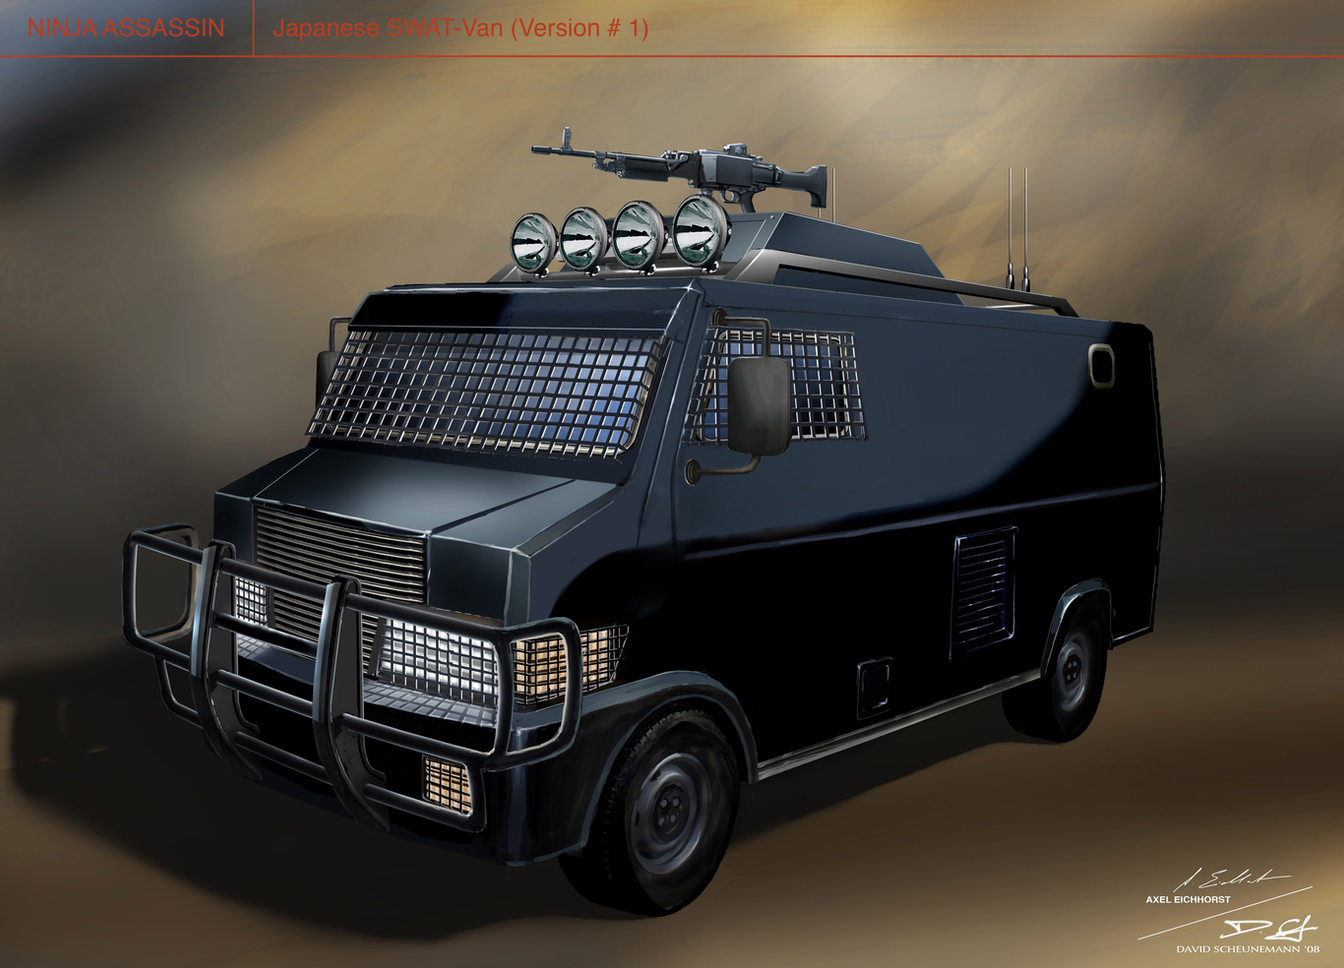 Jap.SWAT Van